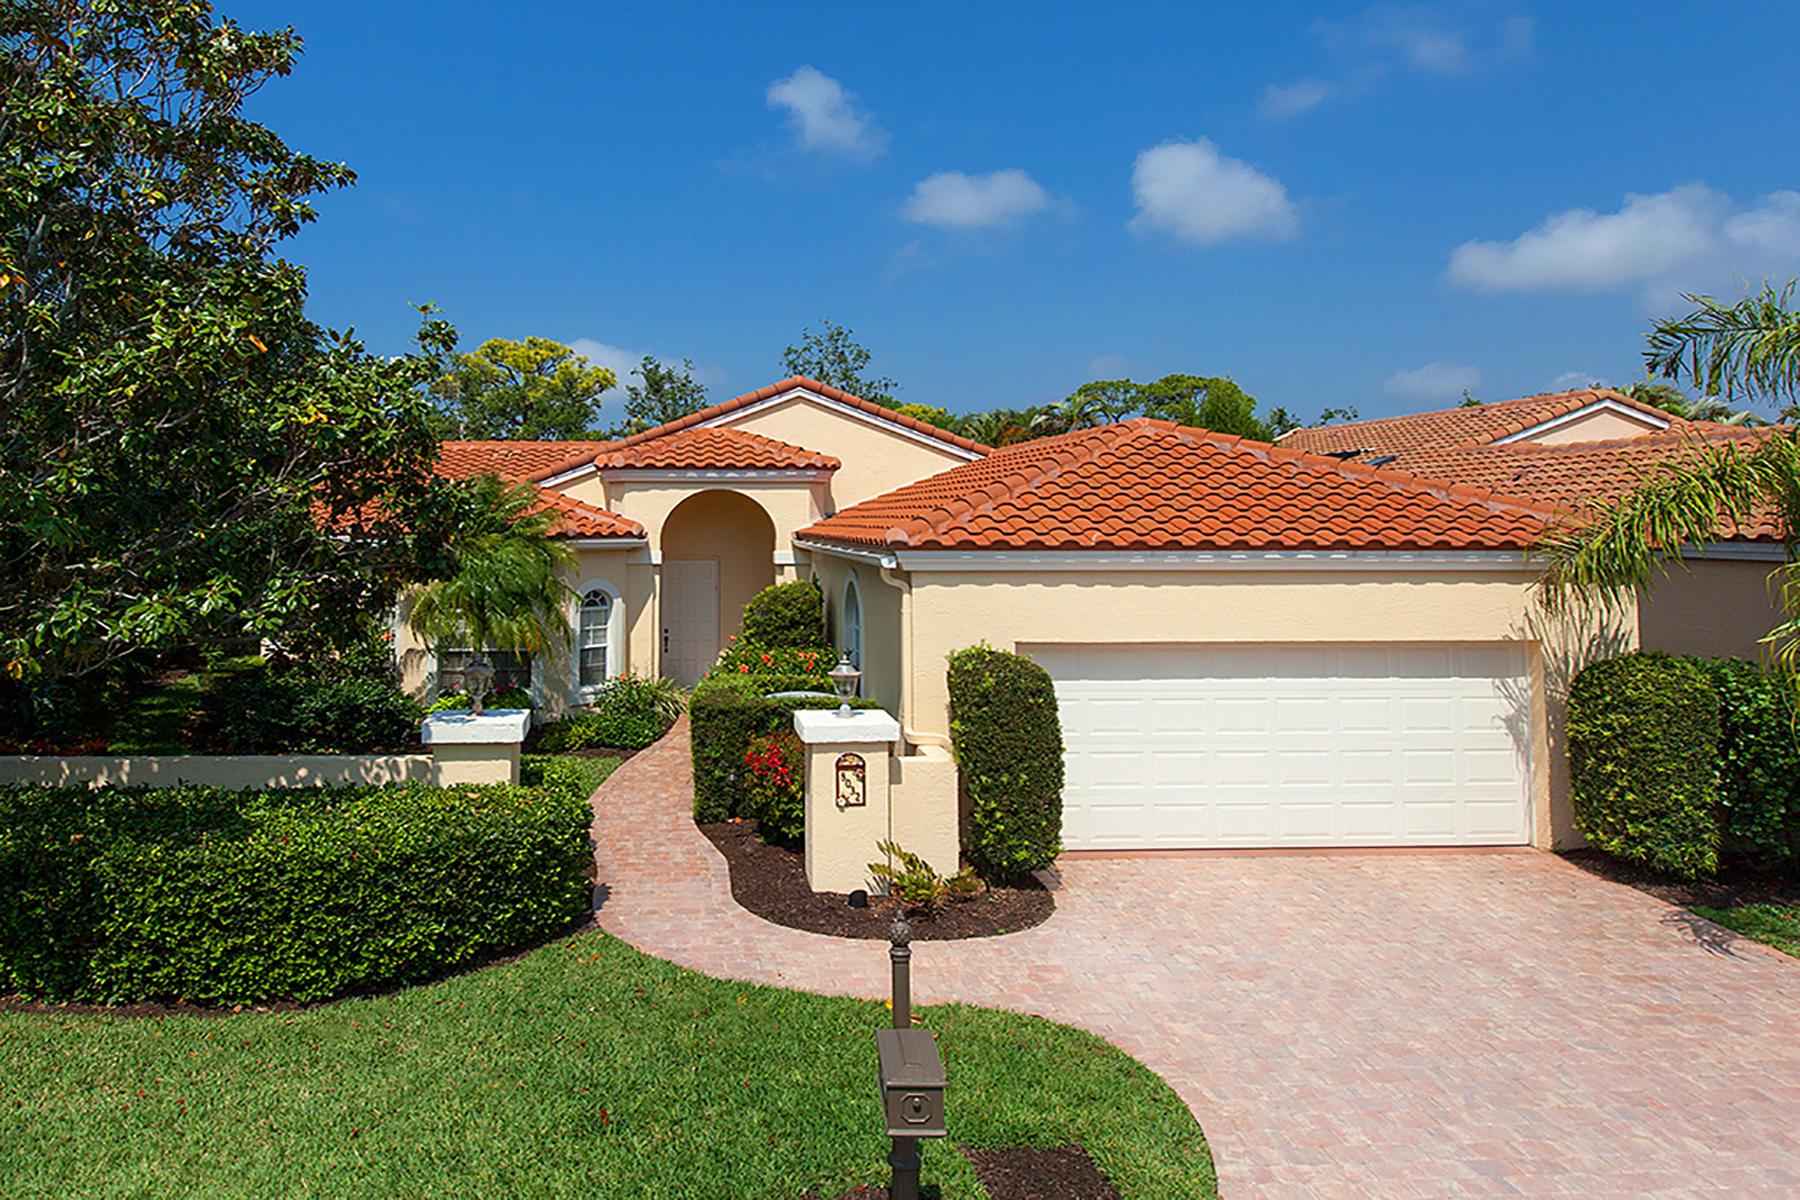 獨棟家庭住宅 為 出售 在 PRESTANCIA 8032 Via Fiore, Sarasota, 佛羅里達州, 34238 美國